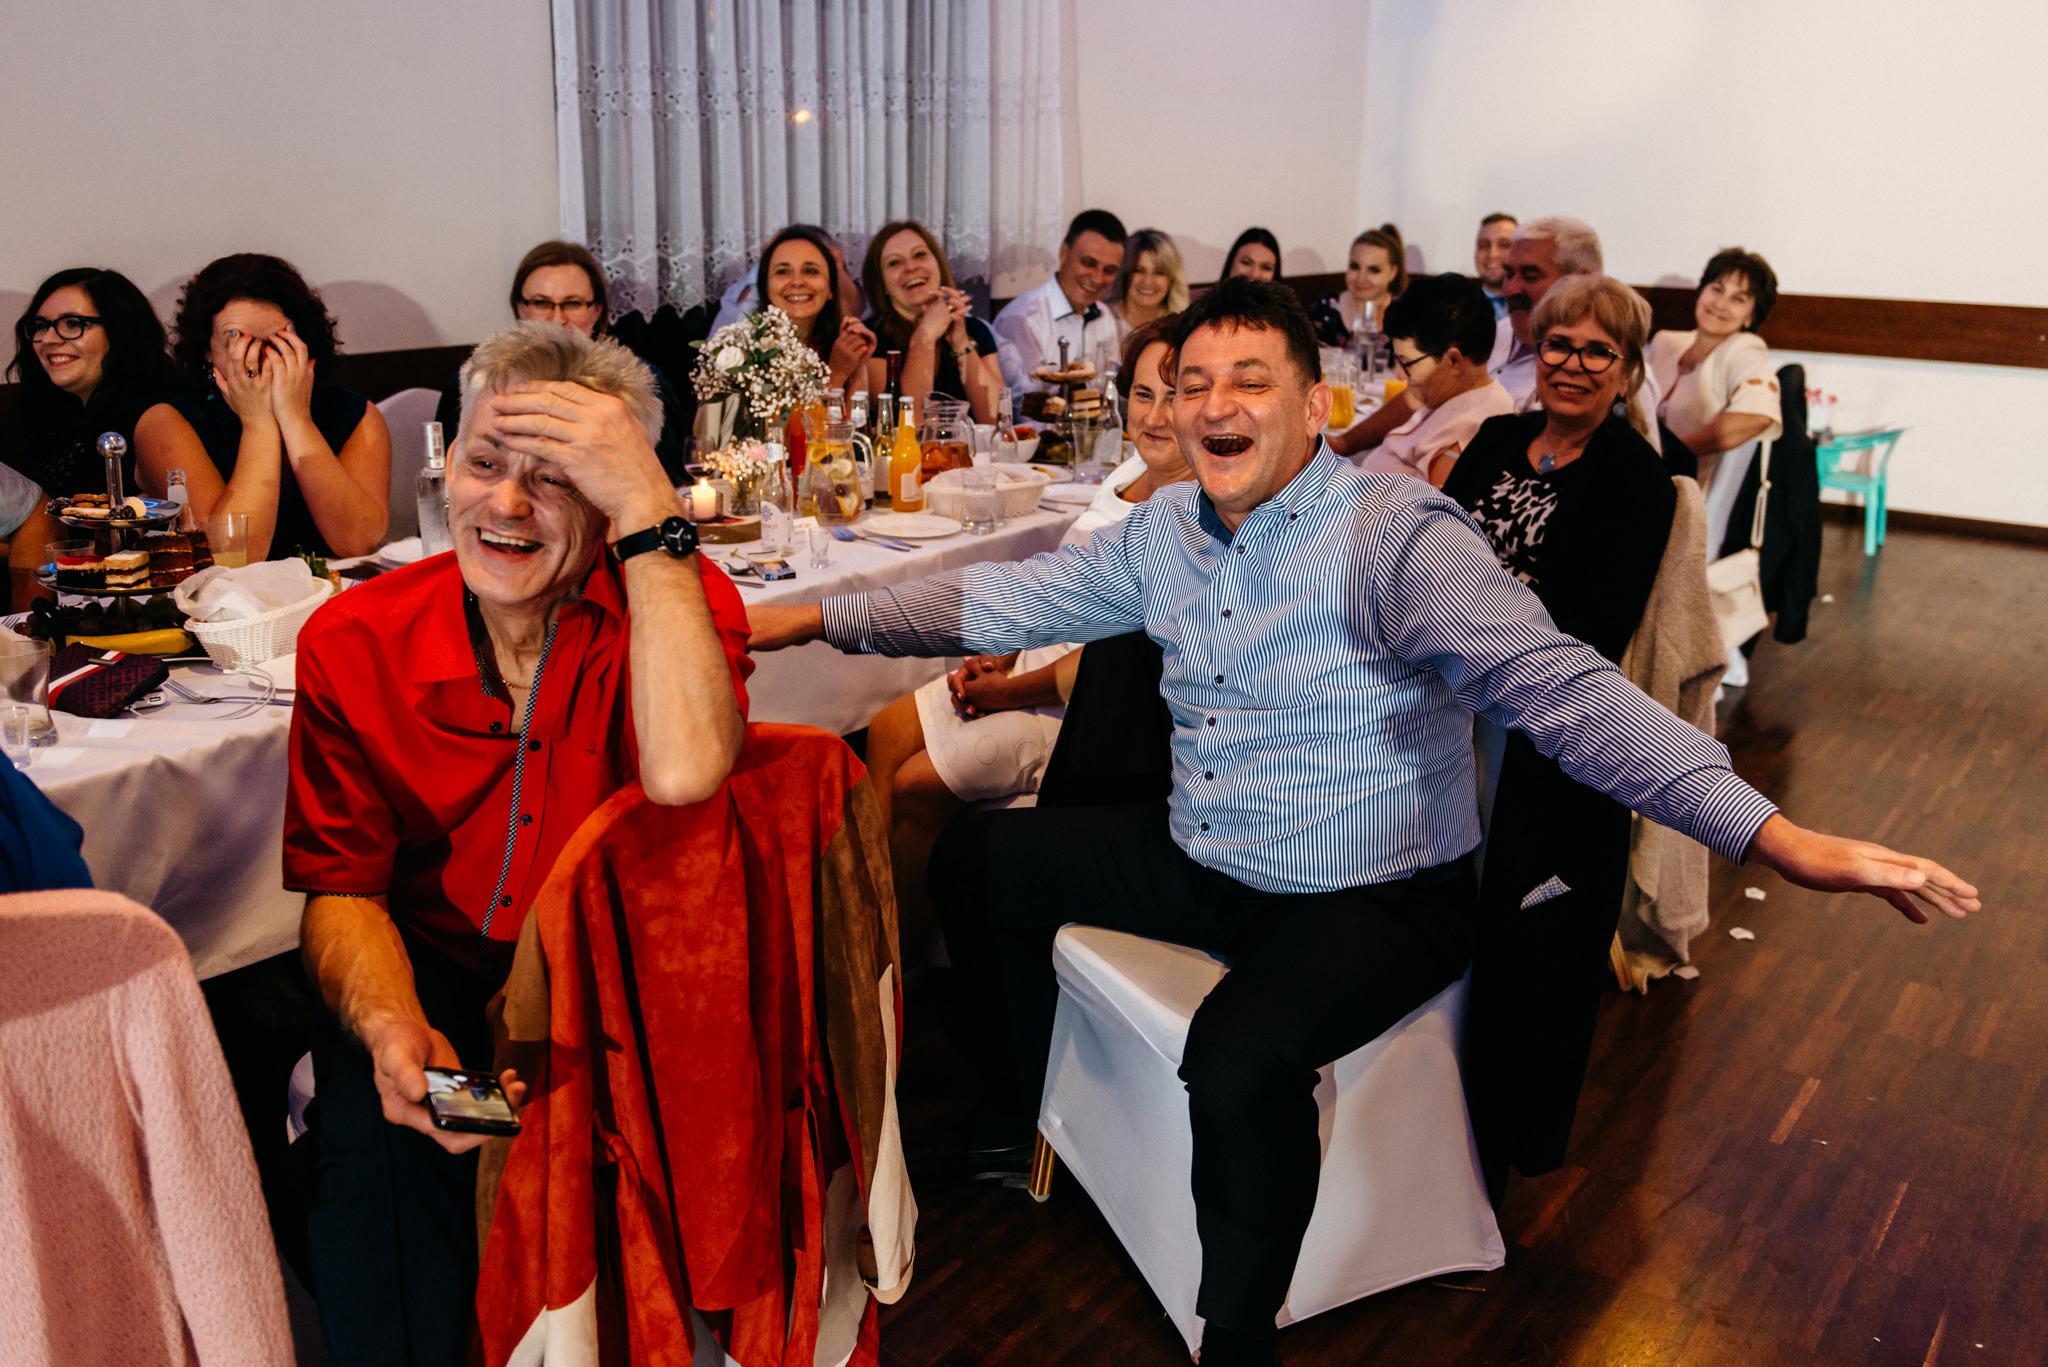 Iza i Dawid | Stylowy ślub z niesamowitą energią 96